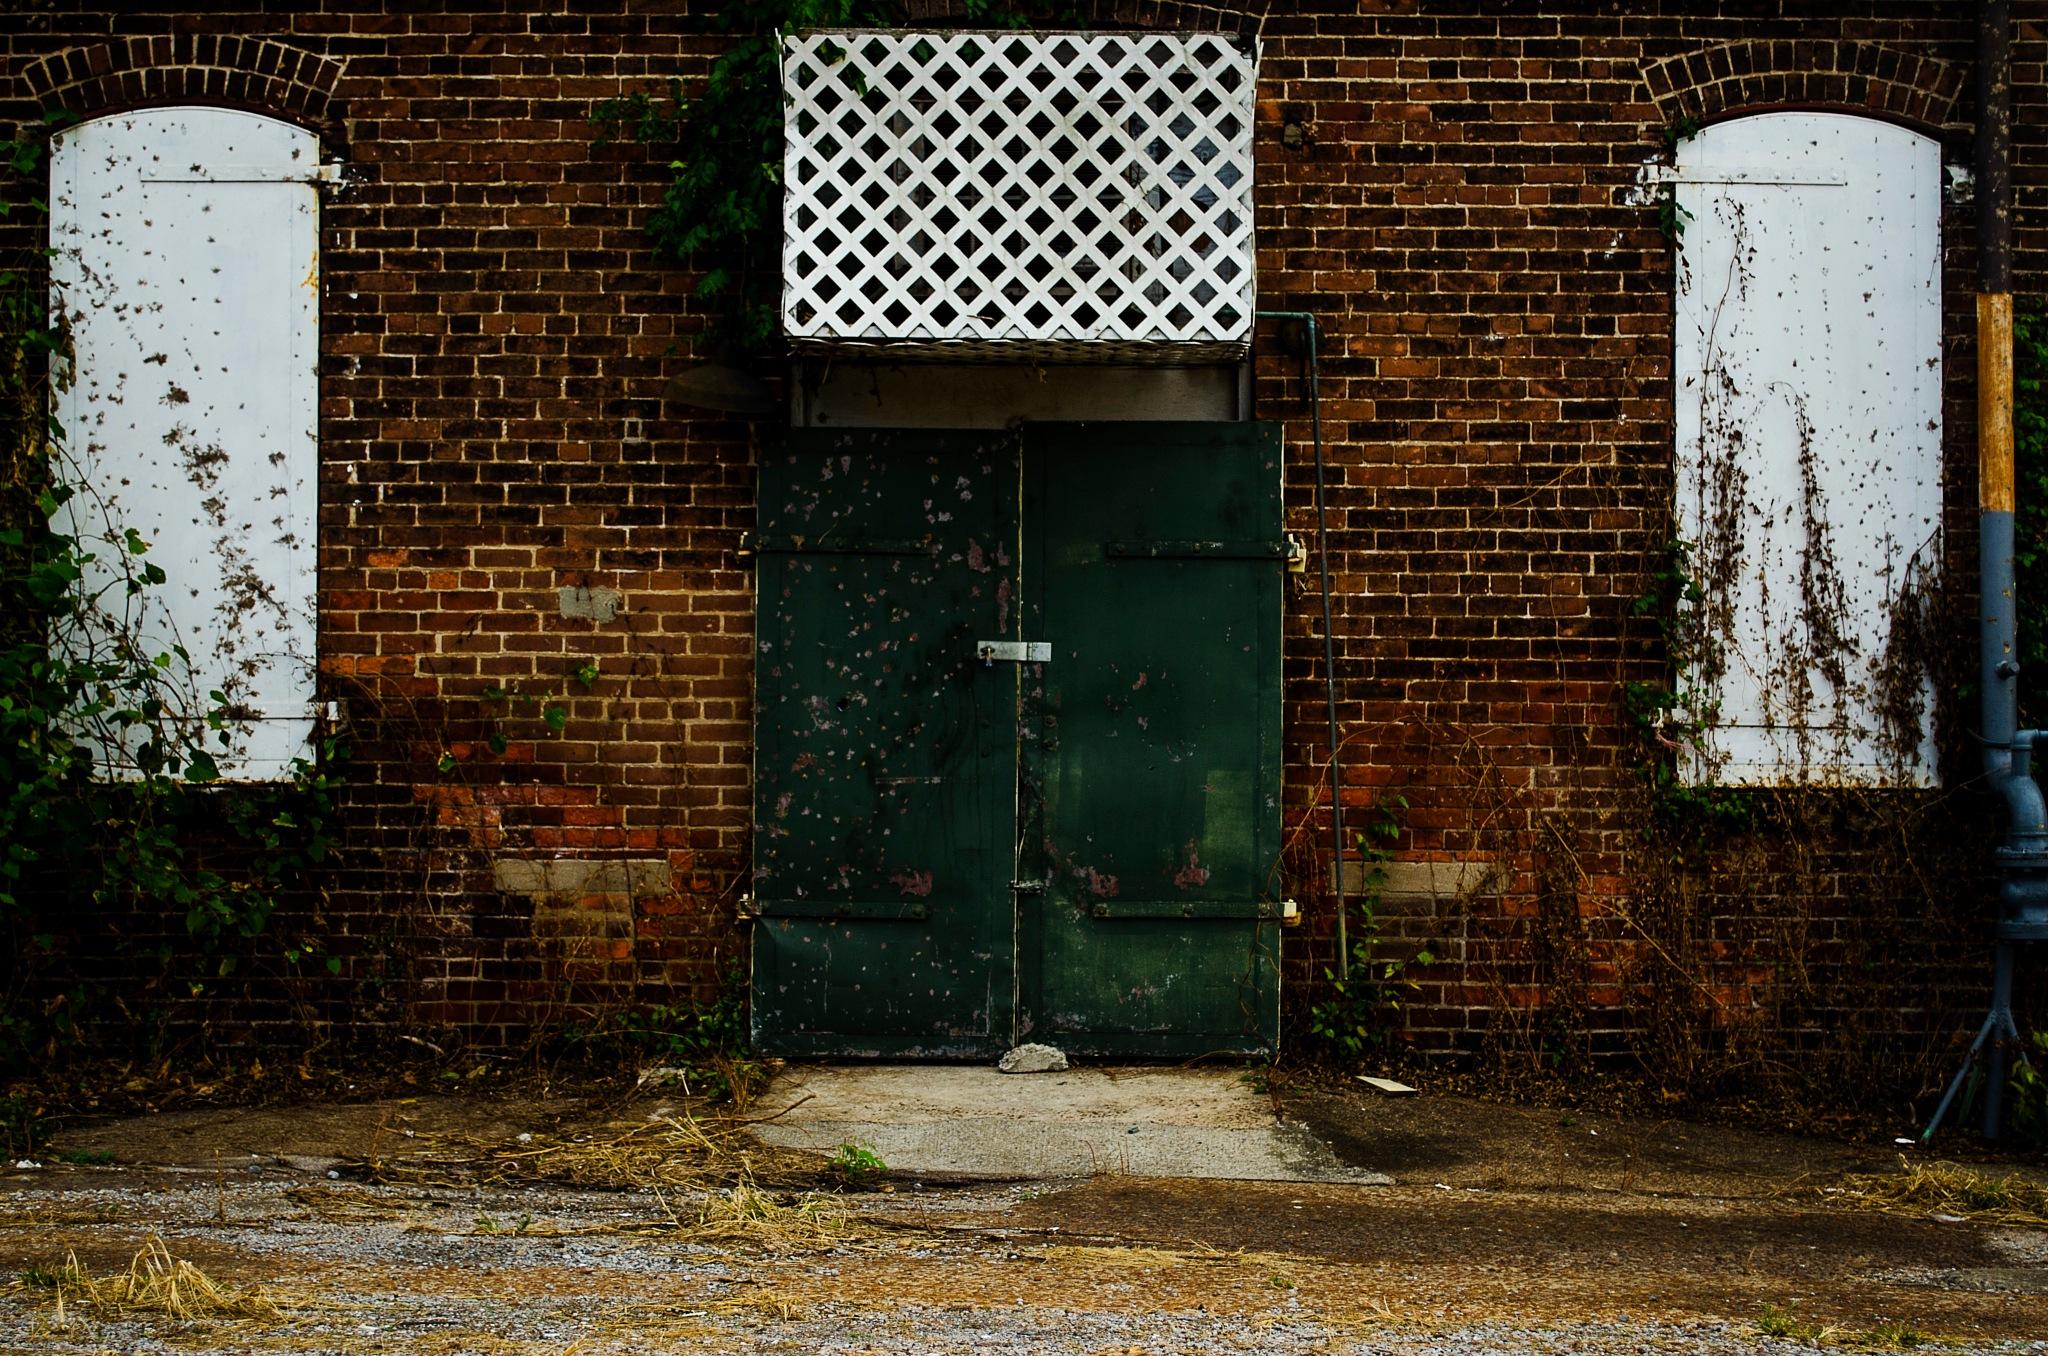 Green Door by jcates86